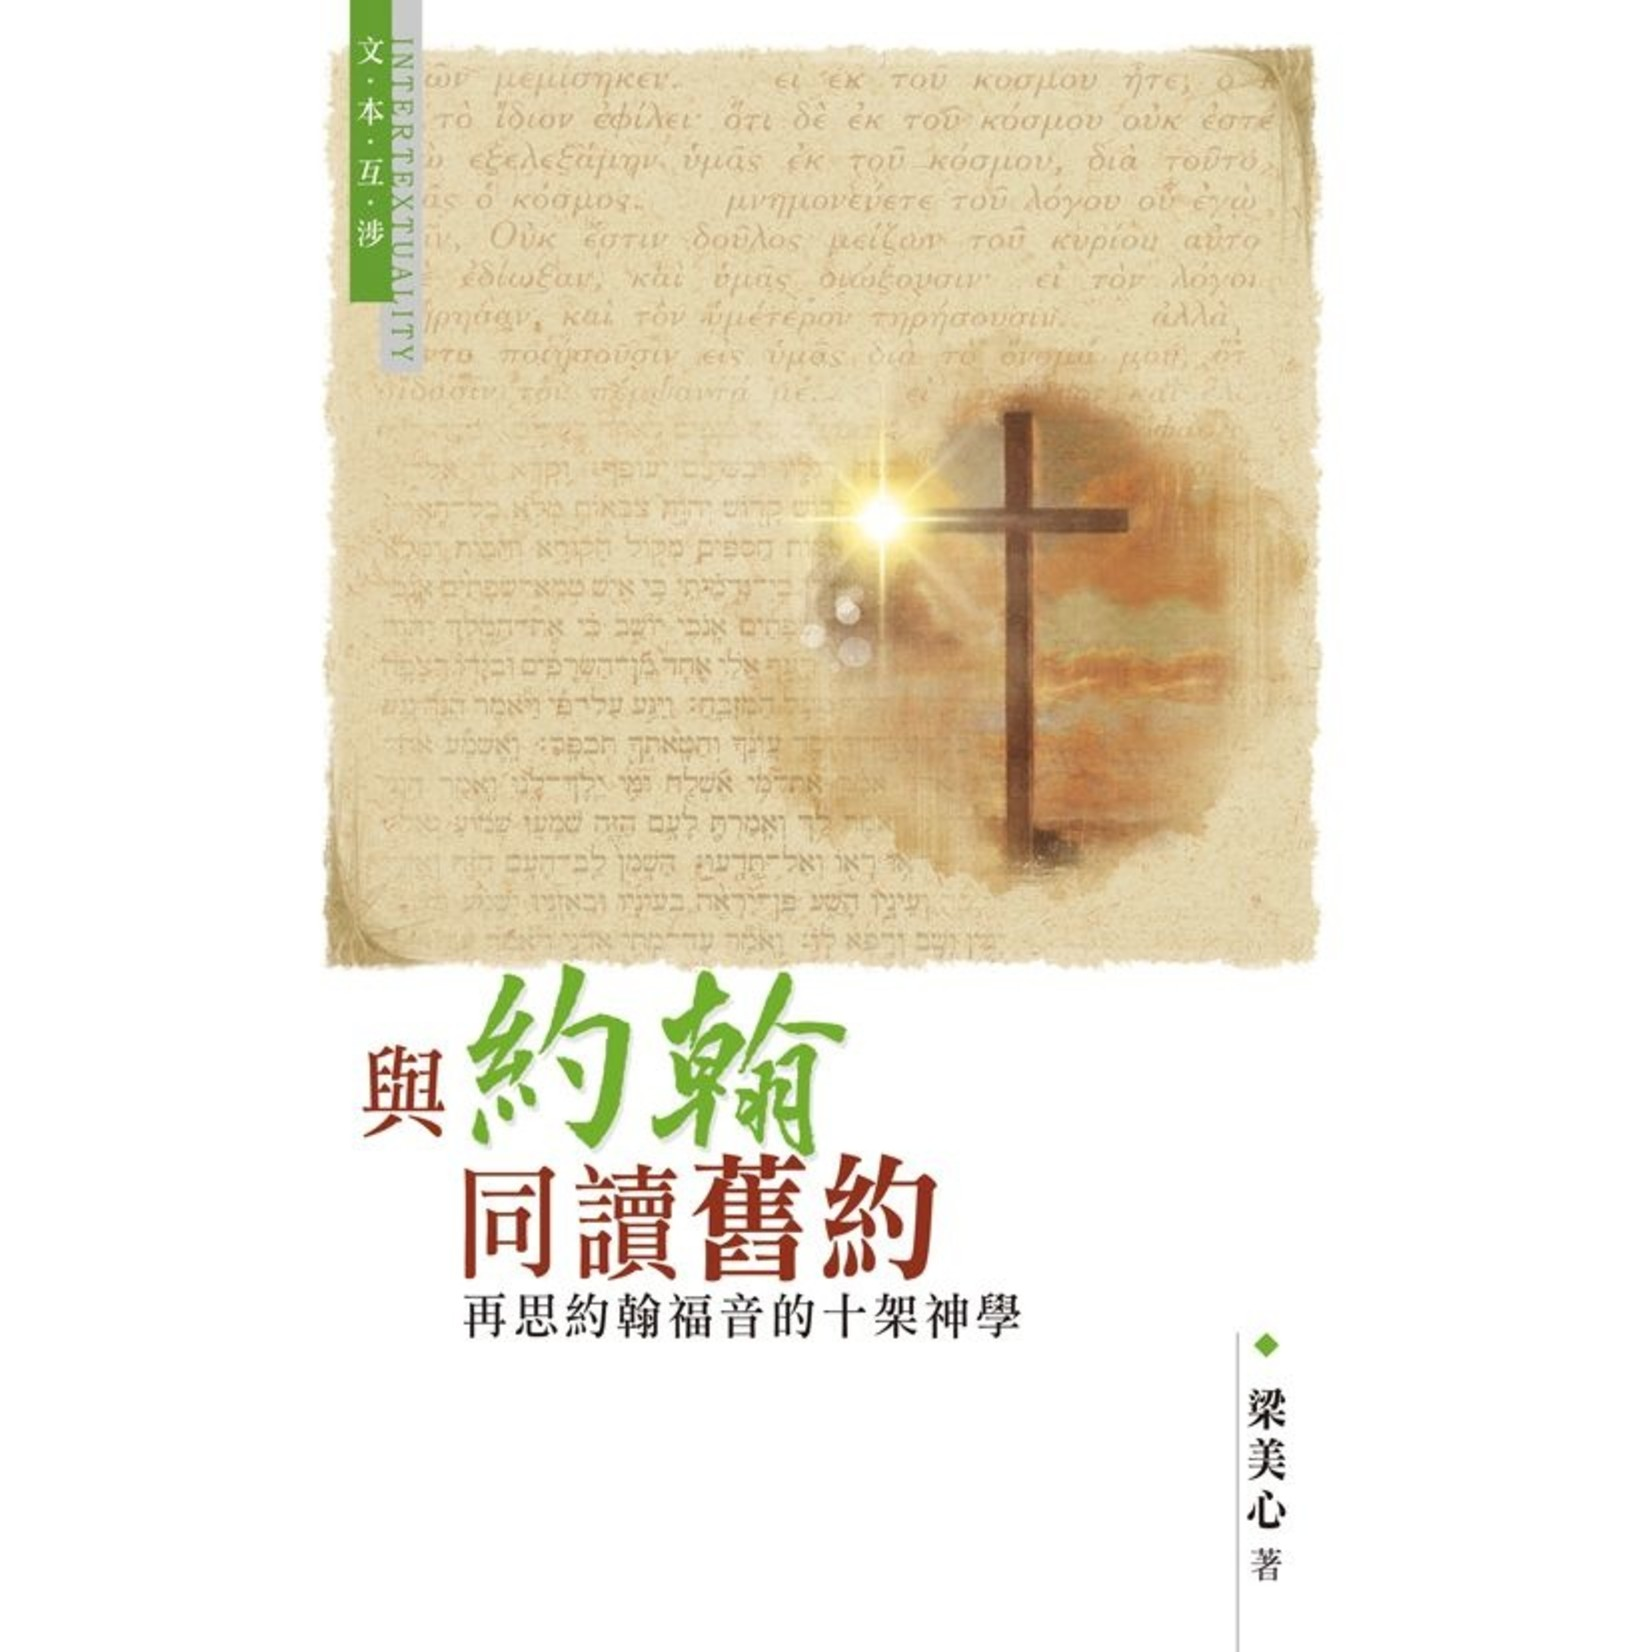 天道書樓 Tien Dao Publishing House 與約翰同讀舊約:再思約翰福音的十架神學